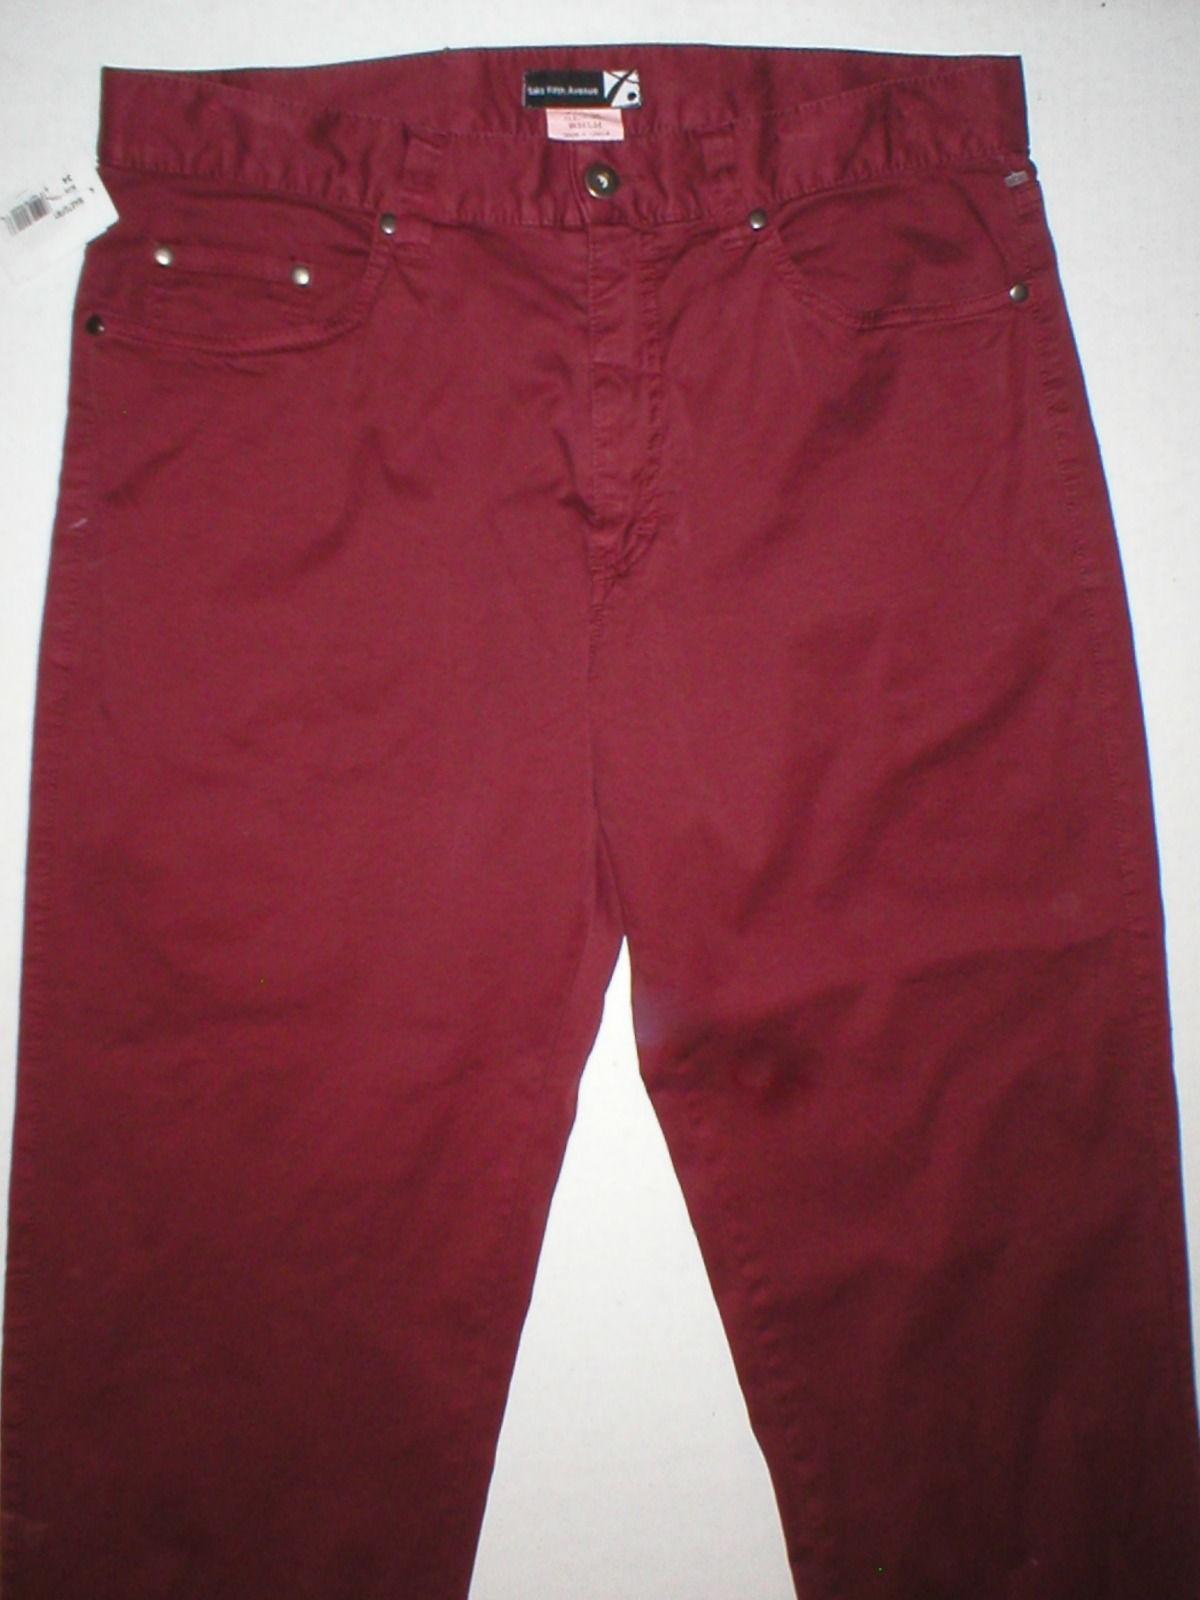 NWT New Womens Saks Fifth Avenue $148 Slacks Pants Red Dark 34 Tall 34 Inseam